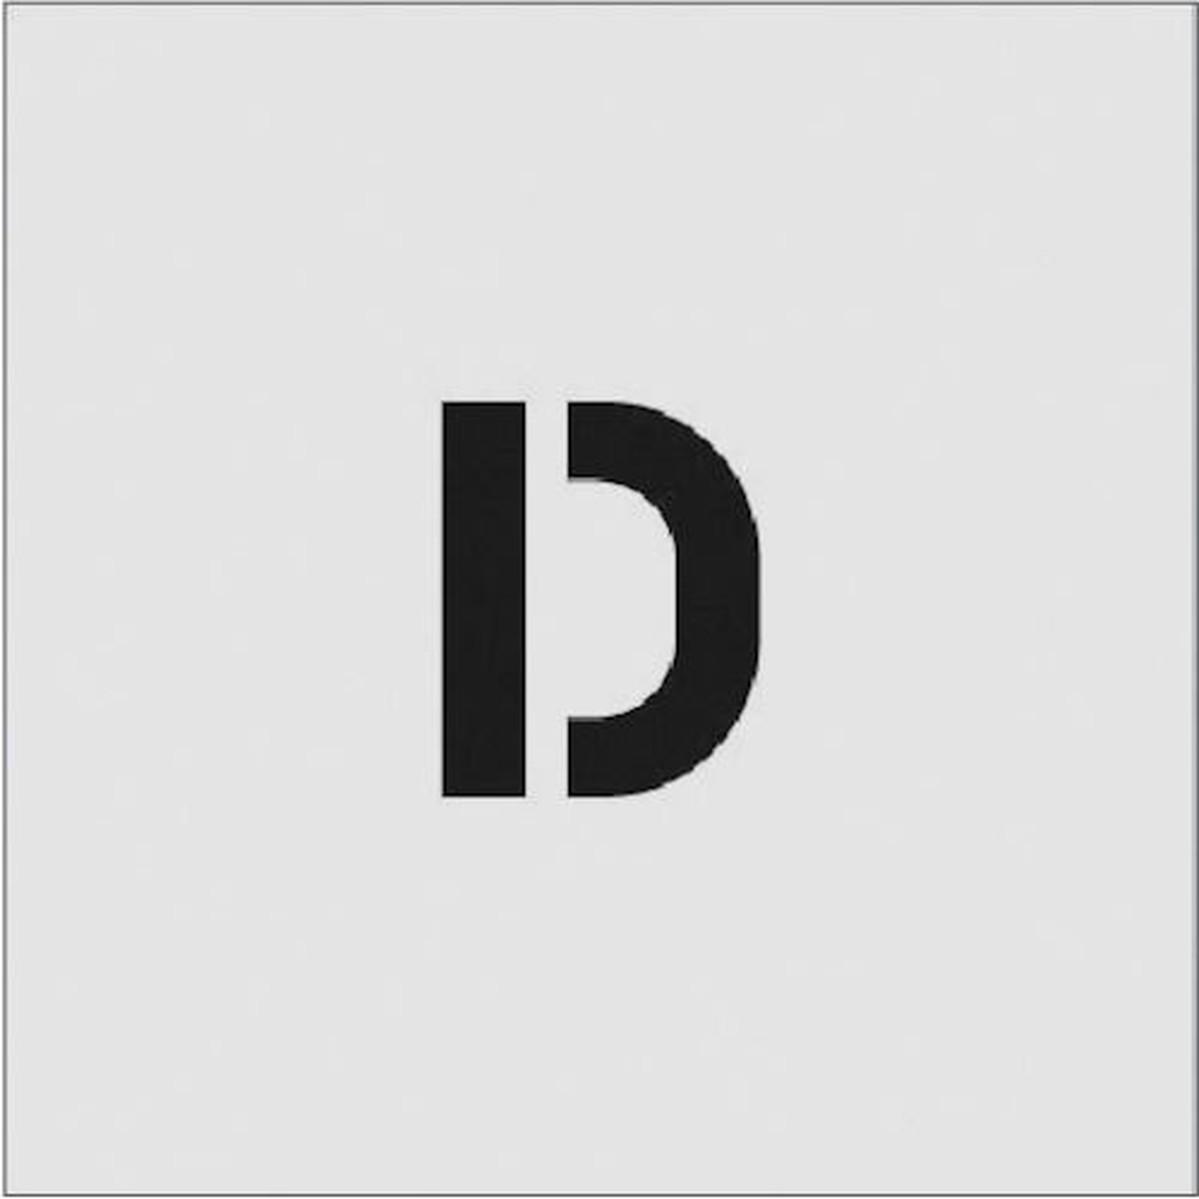 あす楽対応 DIY用品 IM ステンシル D 1枚 在庫一掃売り切りセール 文字サイズ50×40mm 贈与